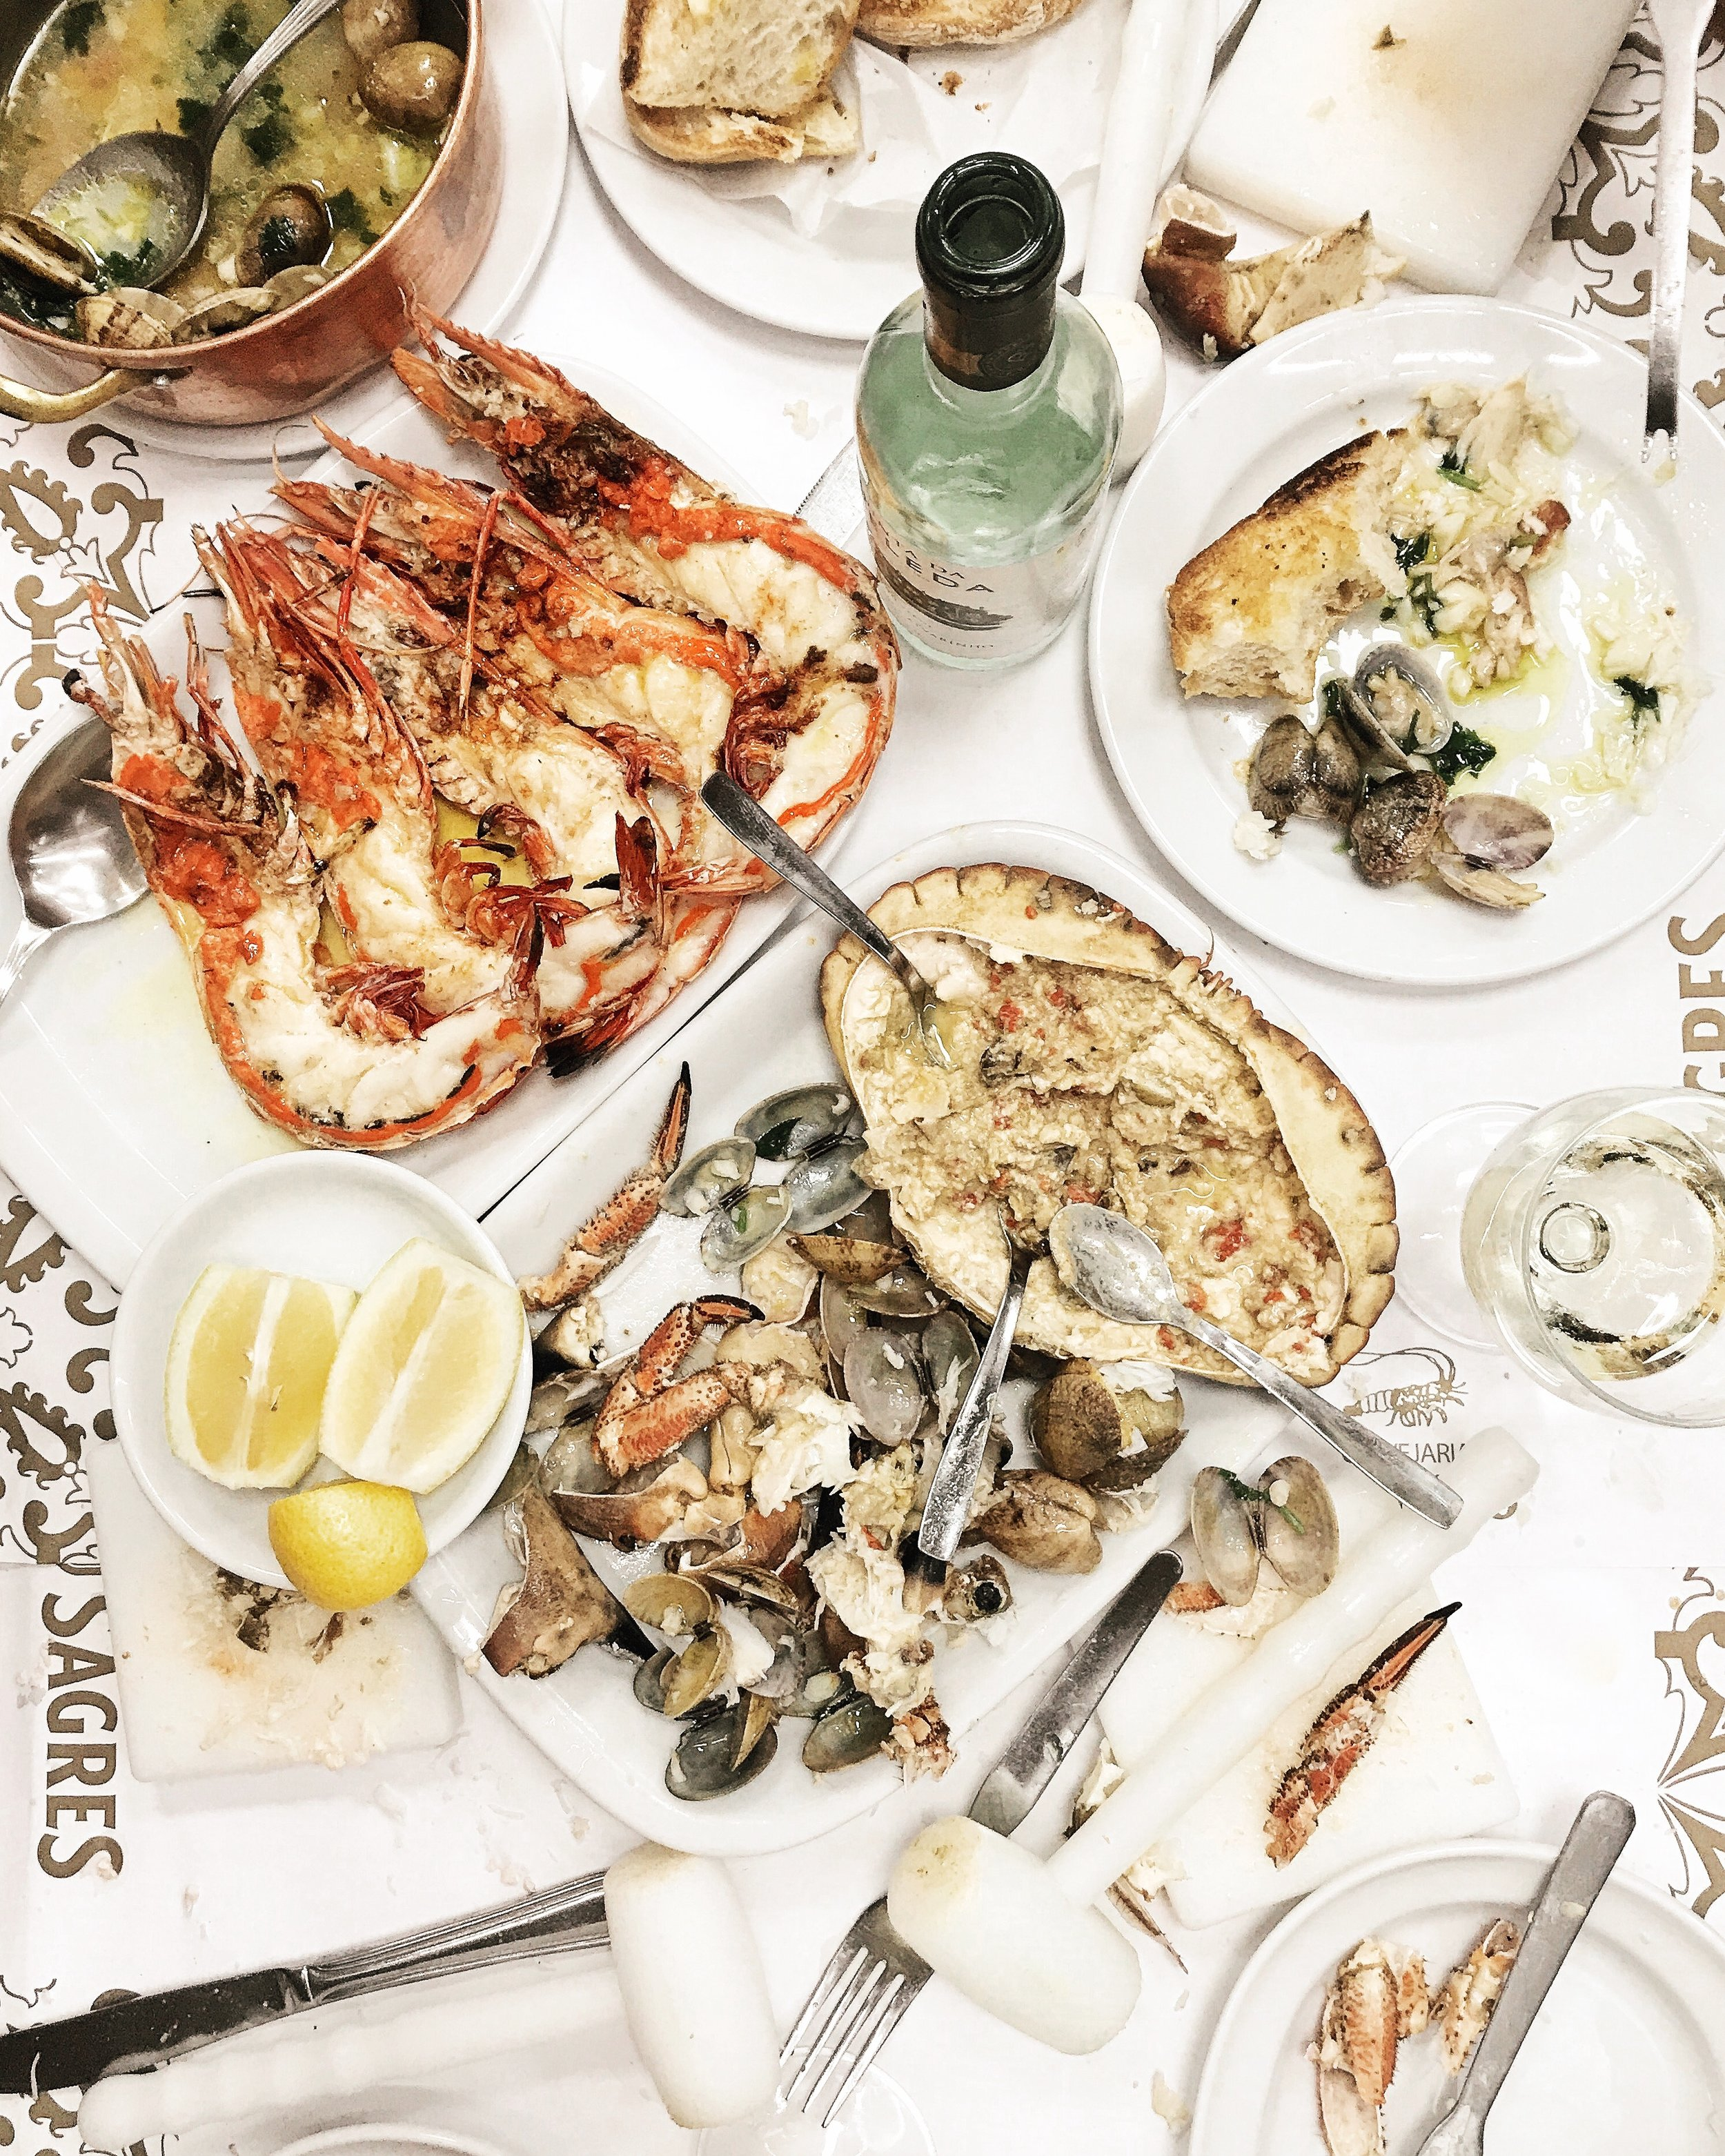 Seafood at Cervejaria Ramiro